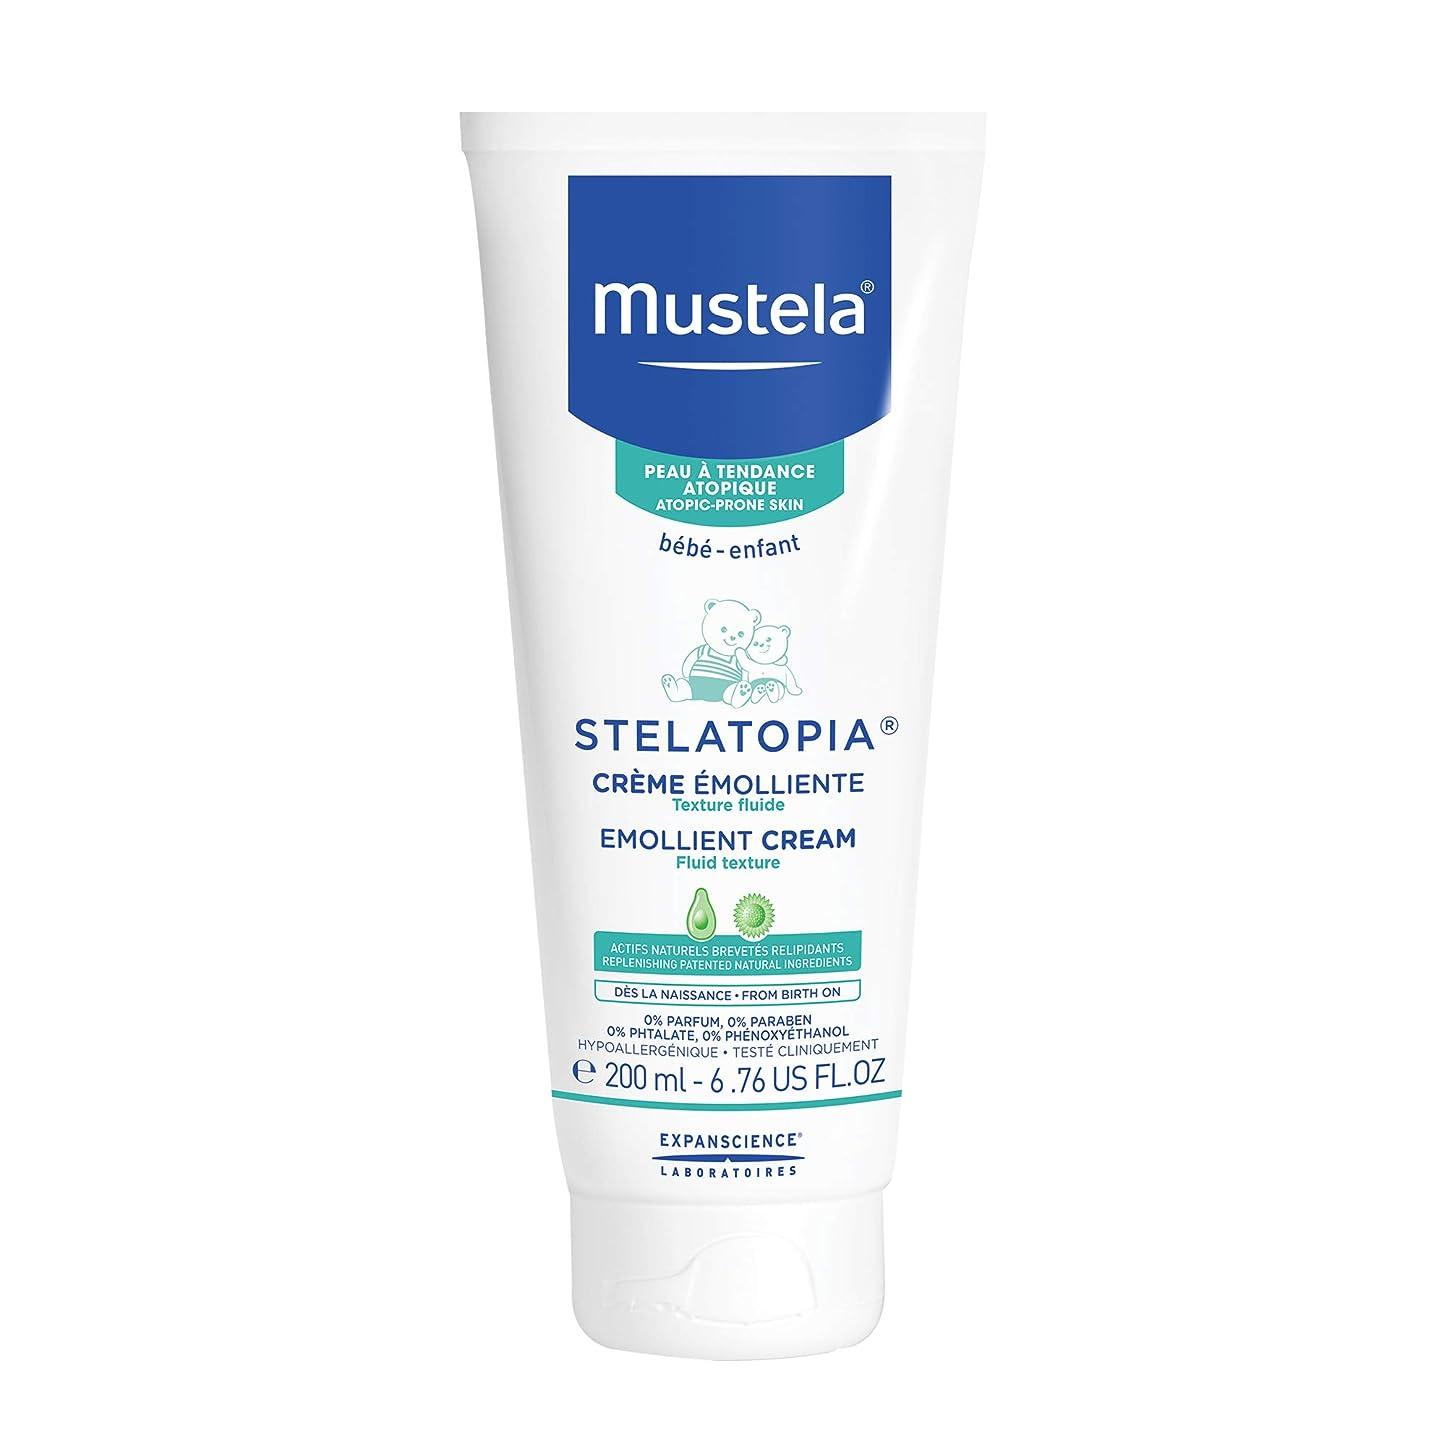 安定しましたリズミカルなドアMustela - Stelatopia Emollient Cream (6.76 oz.)